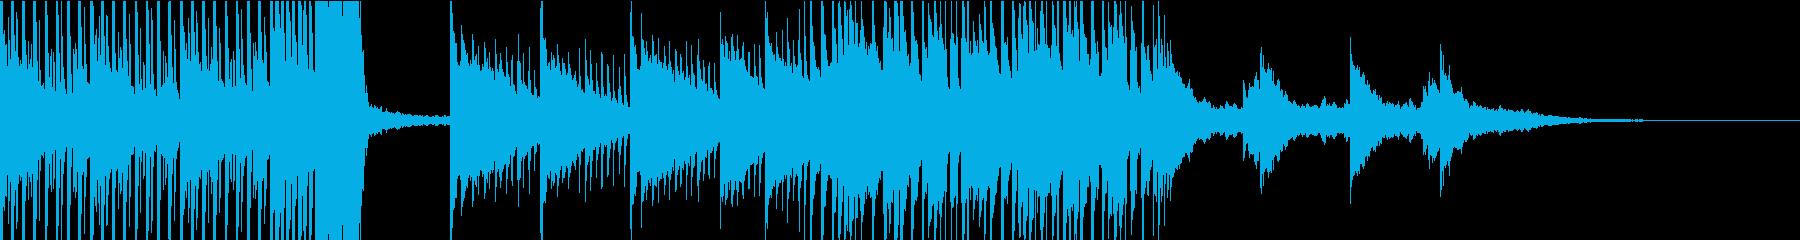 配信のエンディングなどに最適なEDMの再生済みの波形